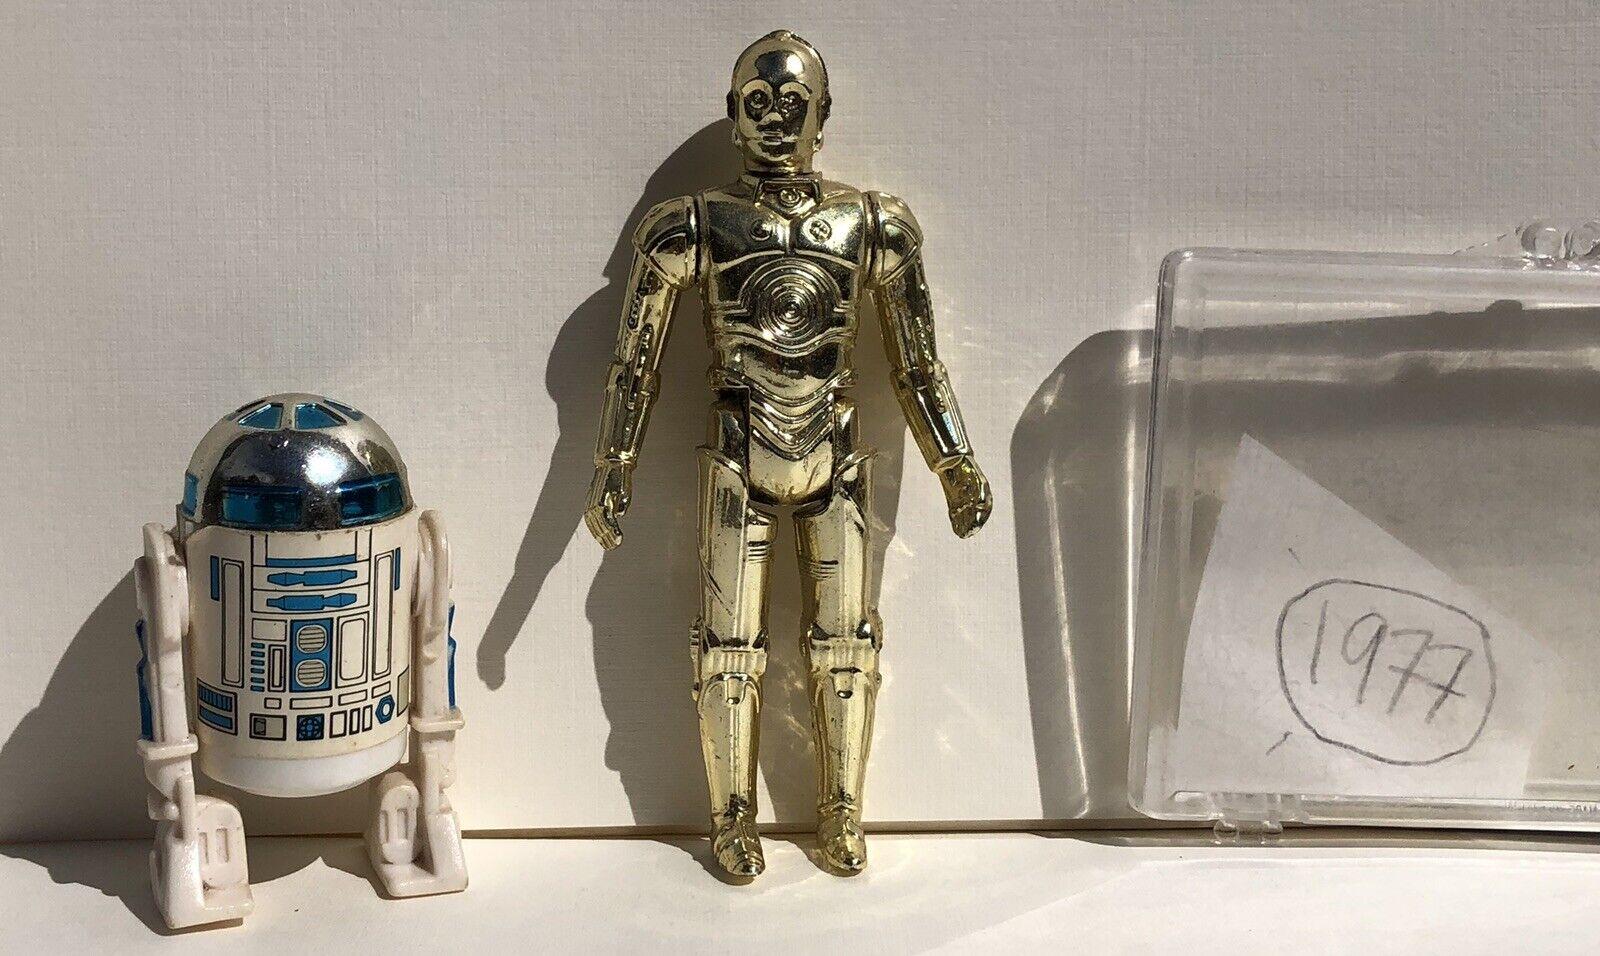 1977 Jahr Stern Wars C3-PO R2-D2 Wirkung Figures Droids First 12 Original